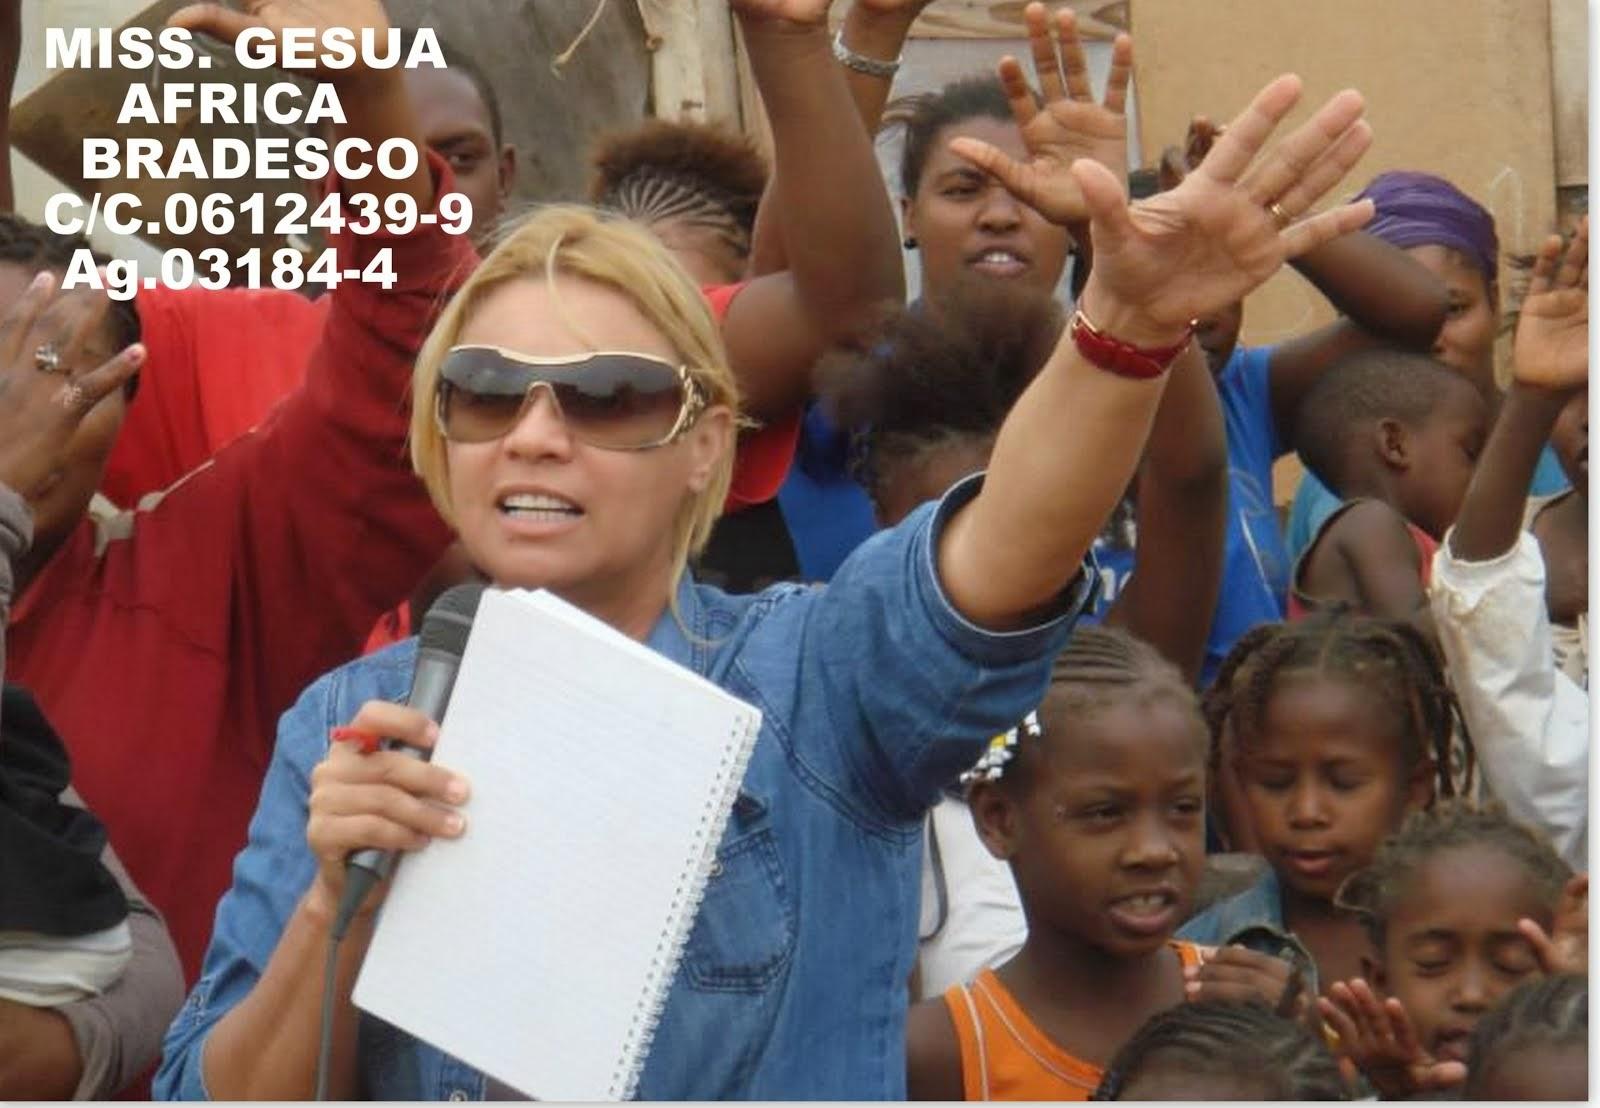 OFERTE PARA ÁFRICA, INVISTA